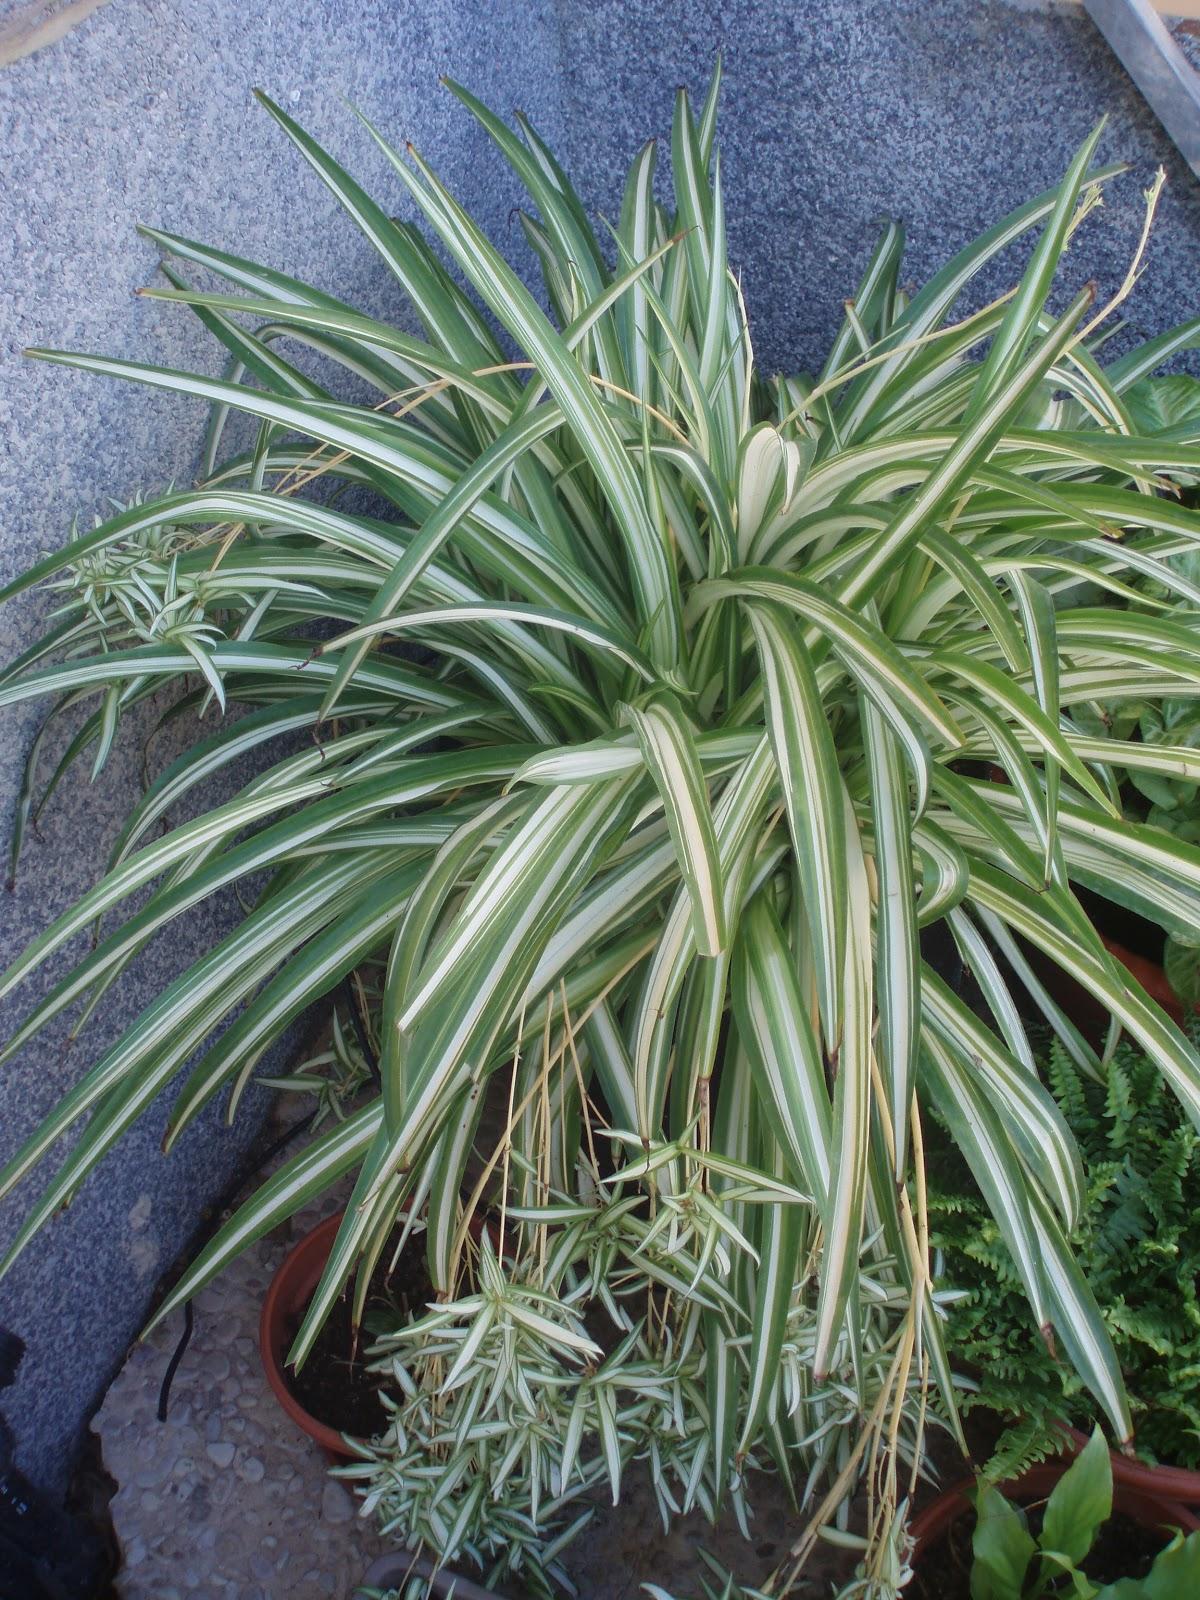 Crear un jard n cinta cholorophytum comosum - Como cuidar las plantas de exterior ...